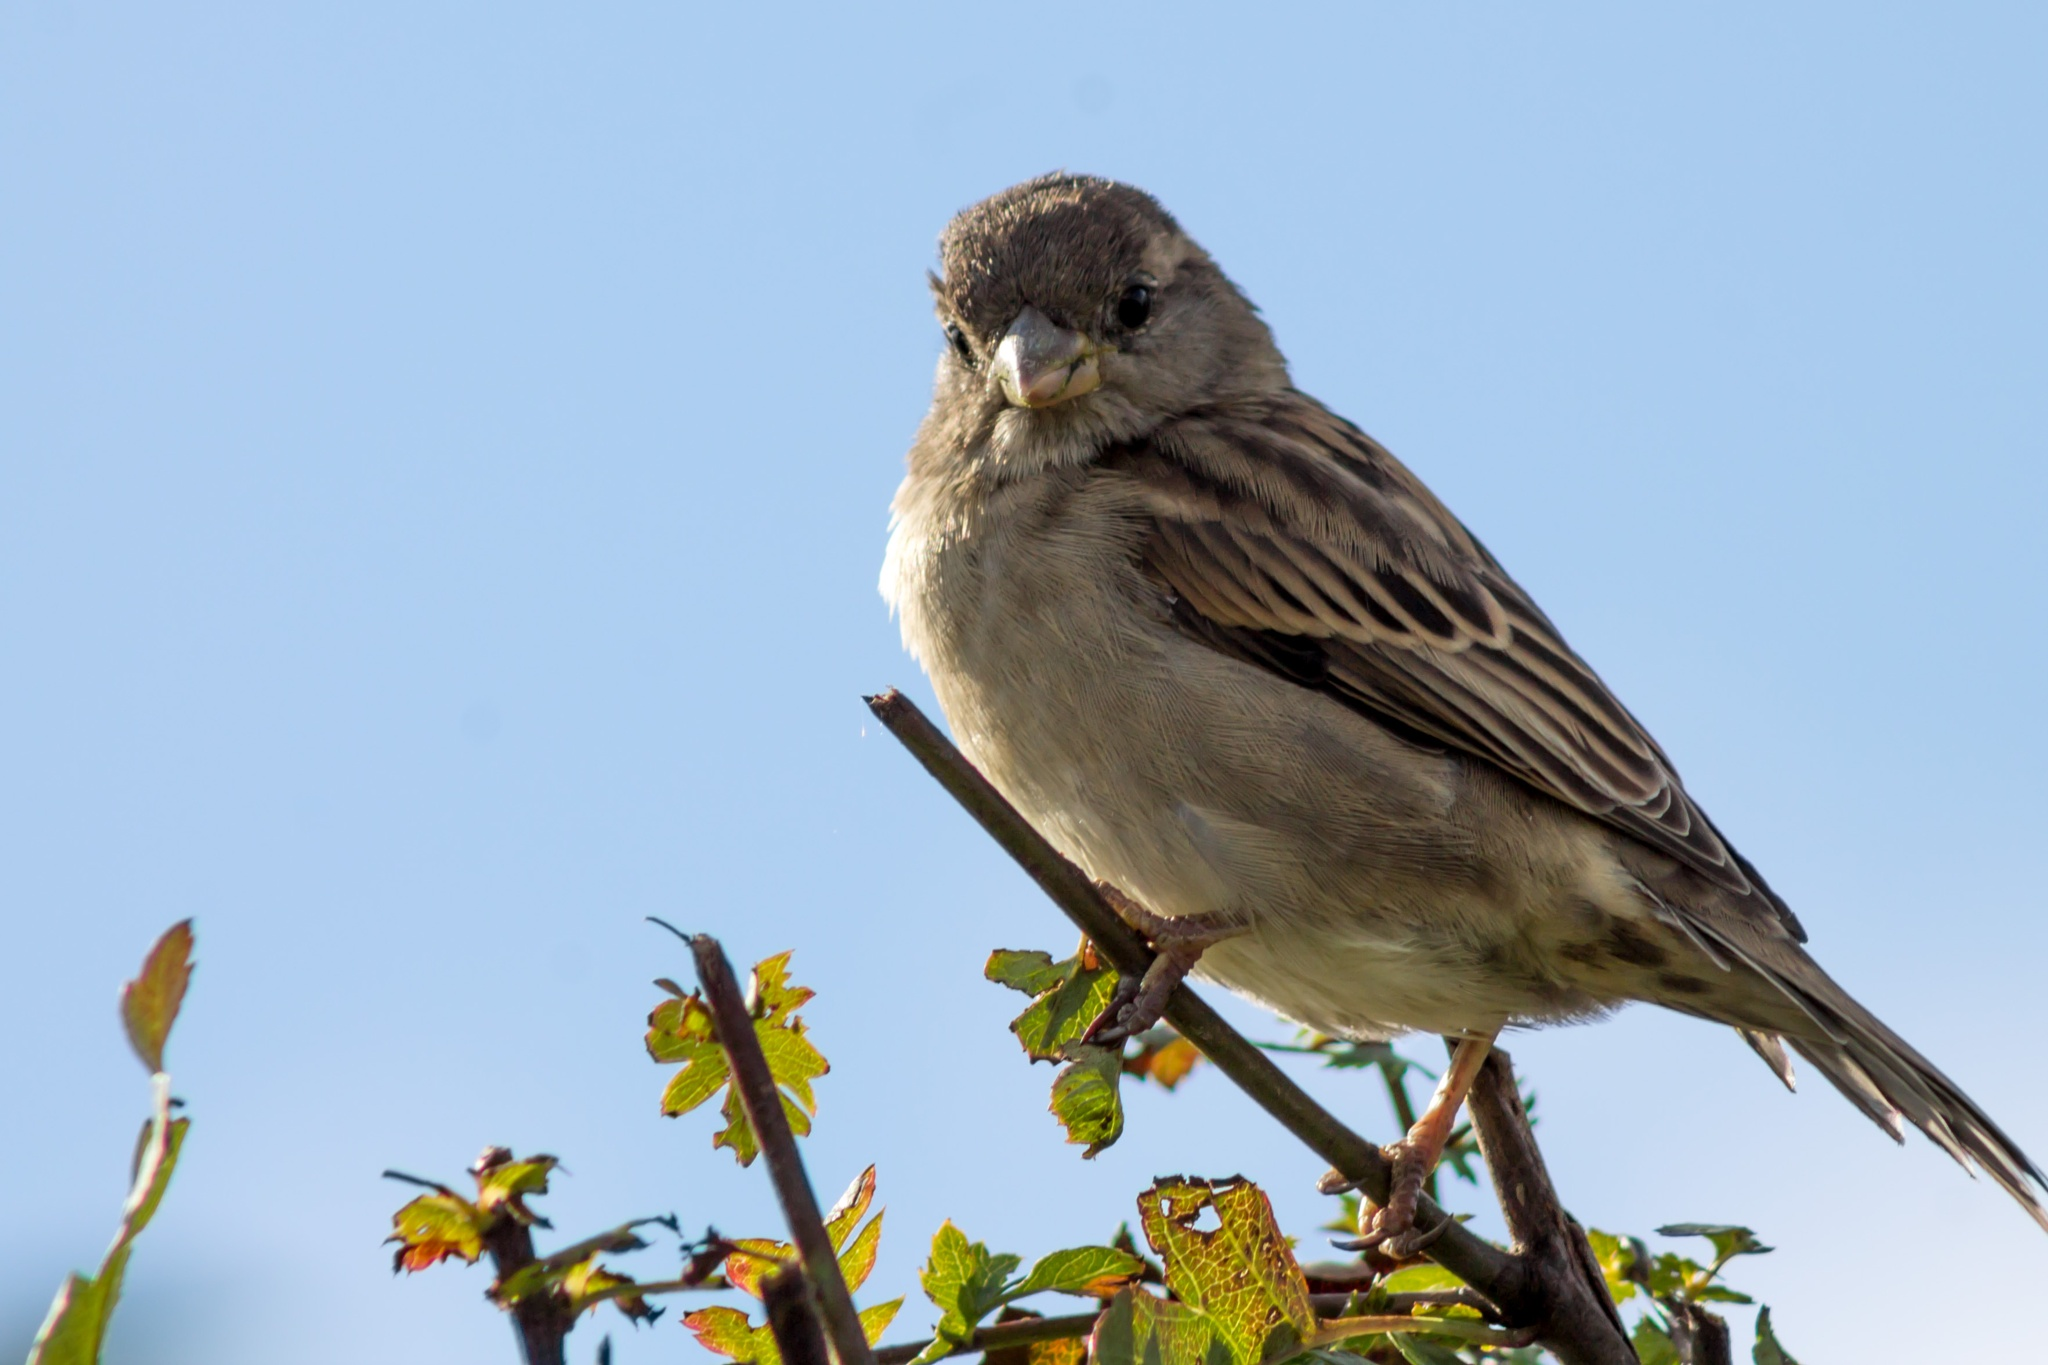 Pretty House Sparrow by Sam Hockaday